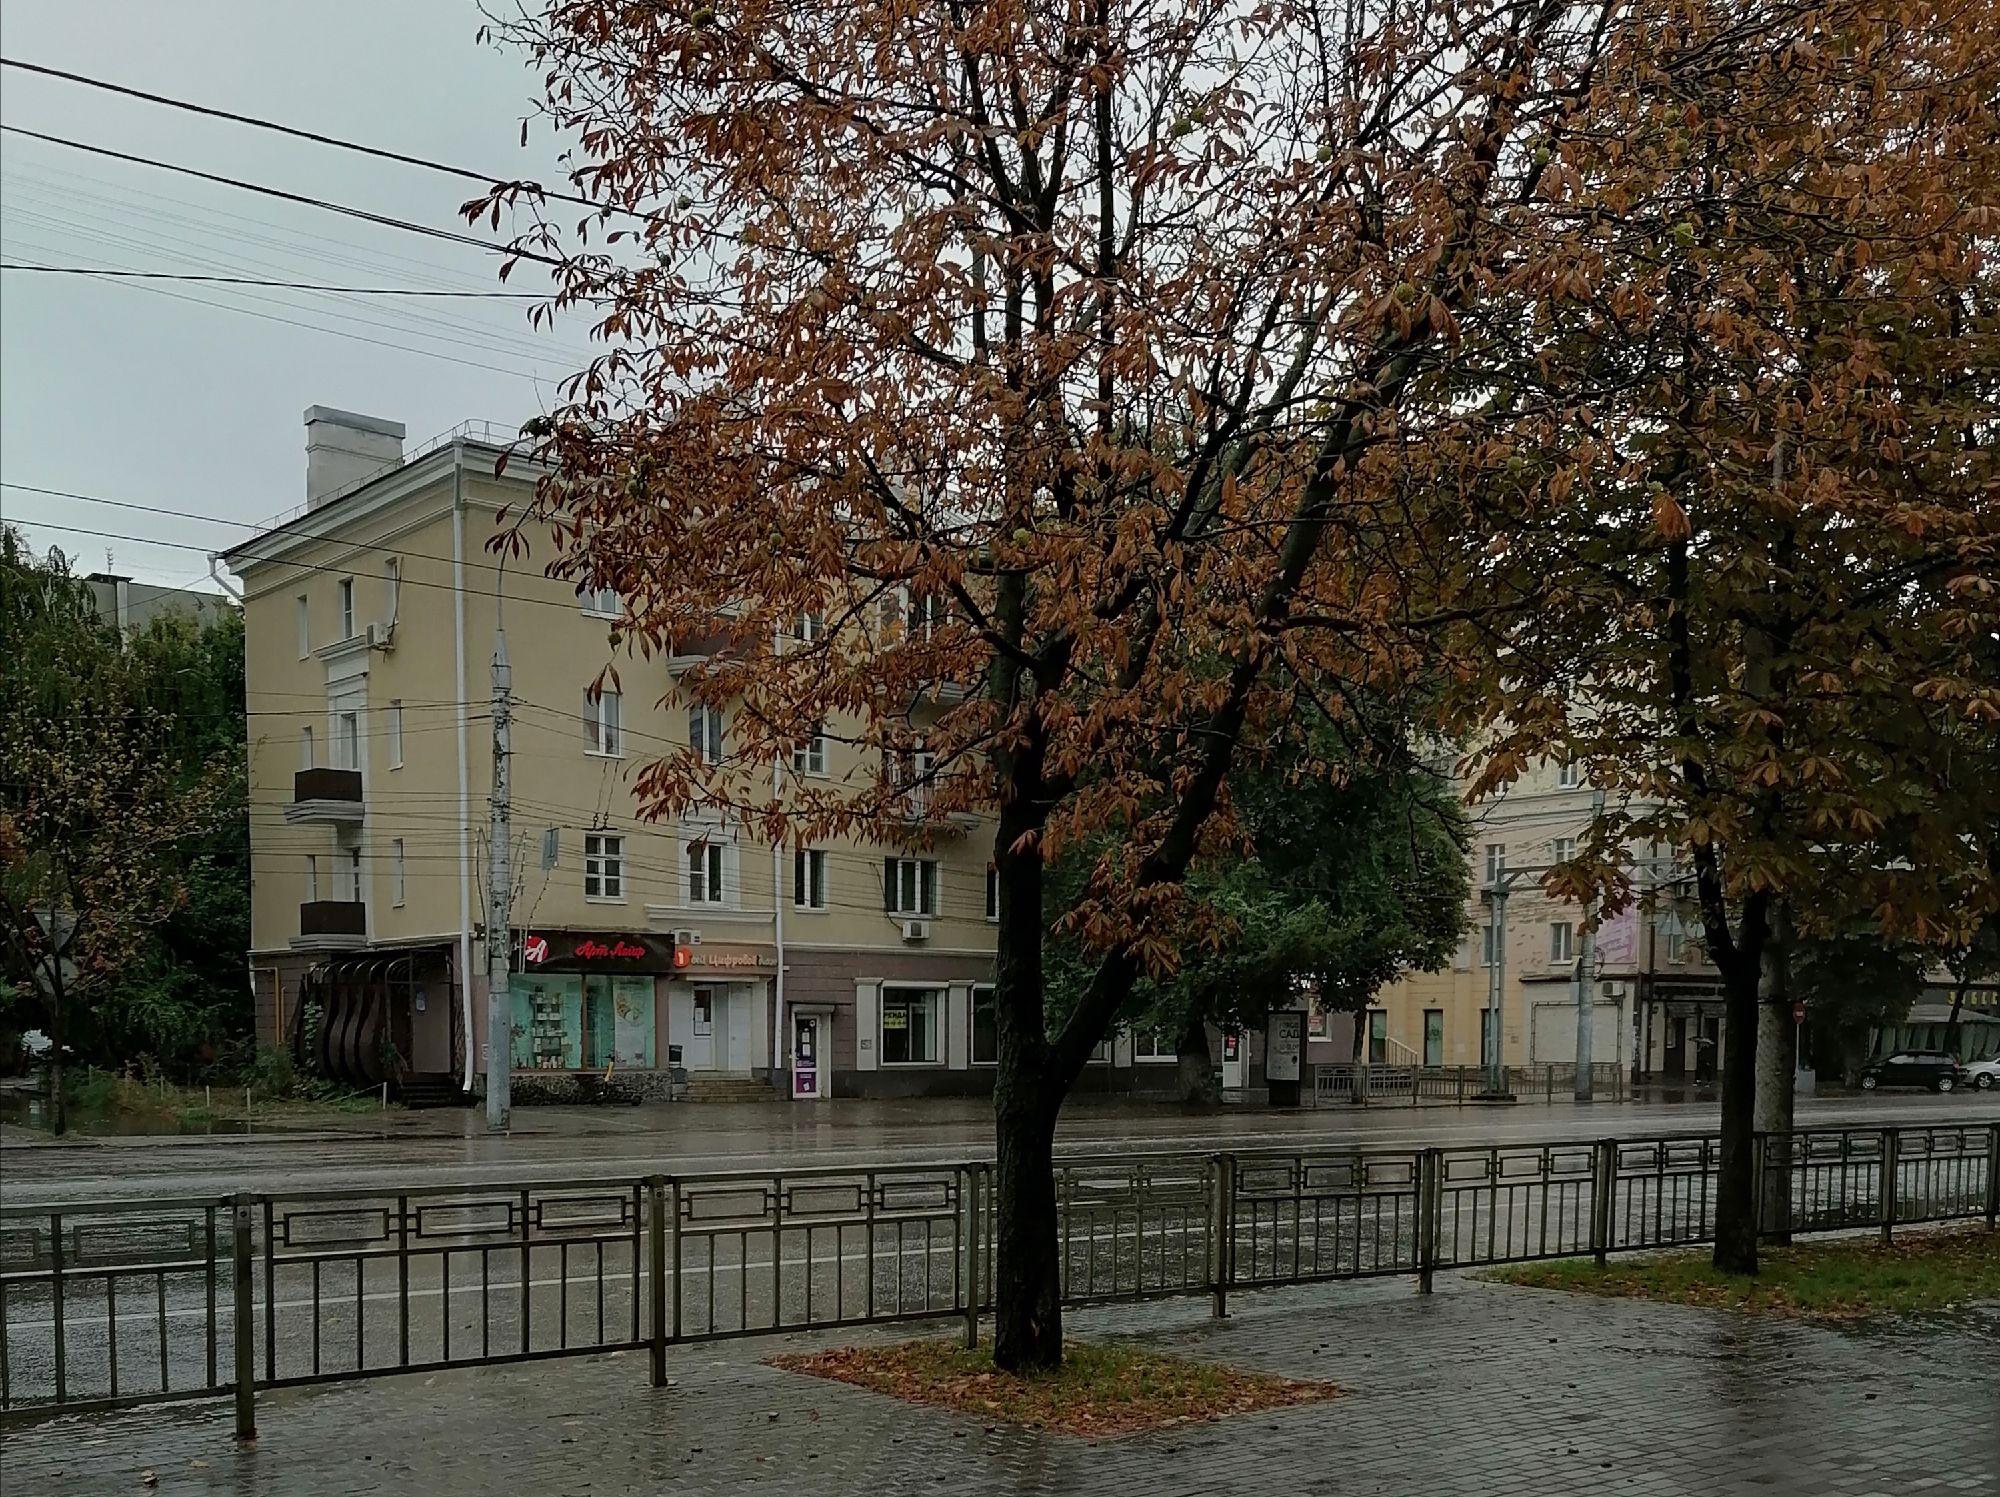 Ул. Плехановская, дождь все идет